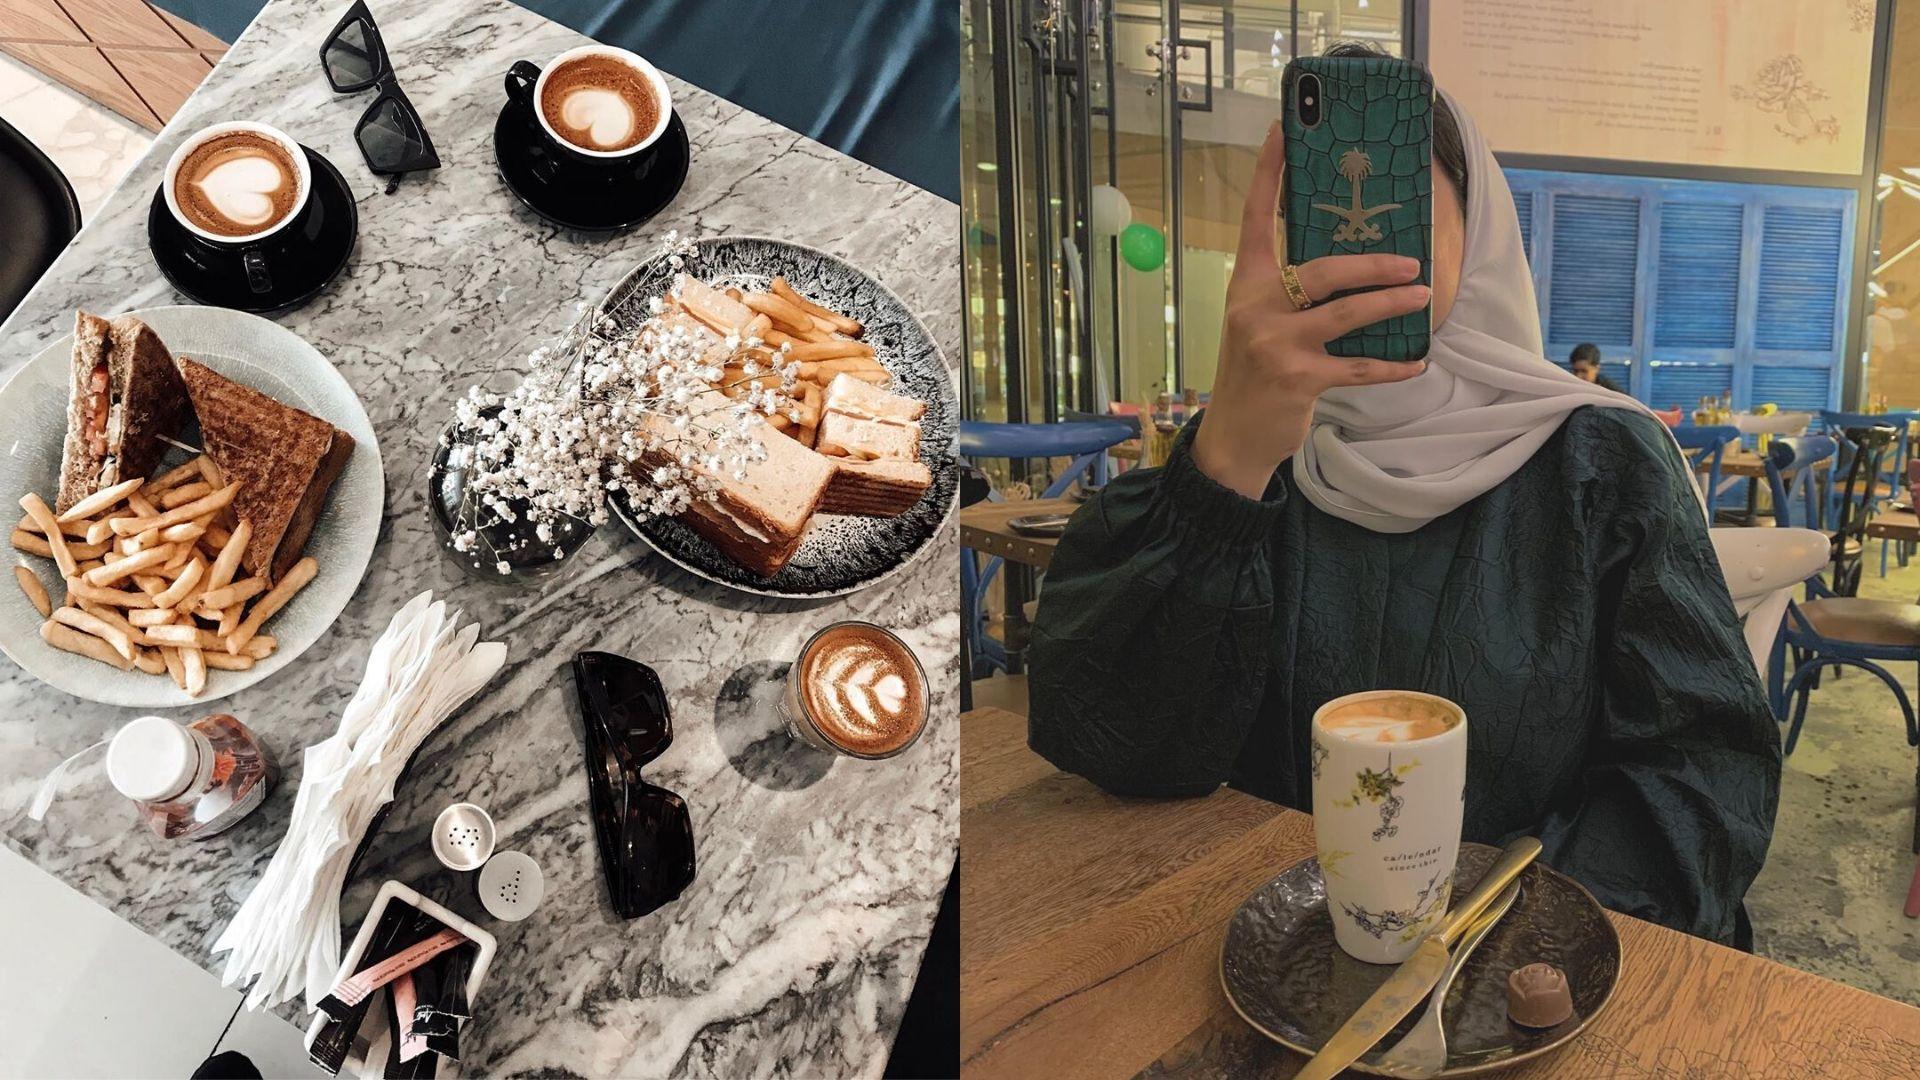 The Most Instagrammable Cafe S In Saudi Arabia Harper S Bazaar Arabia